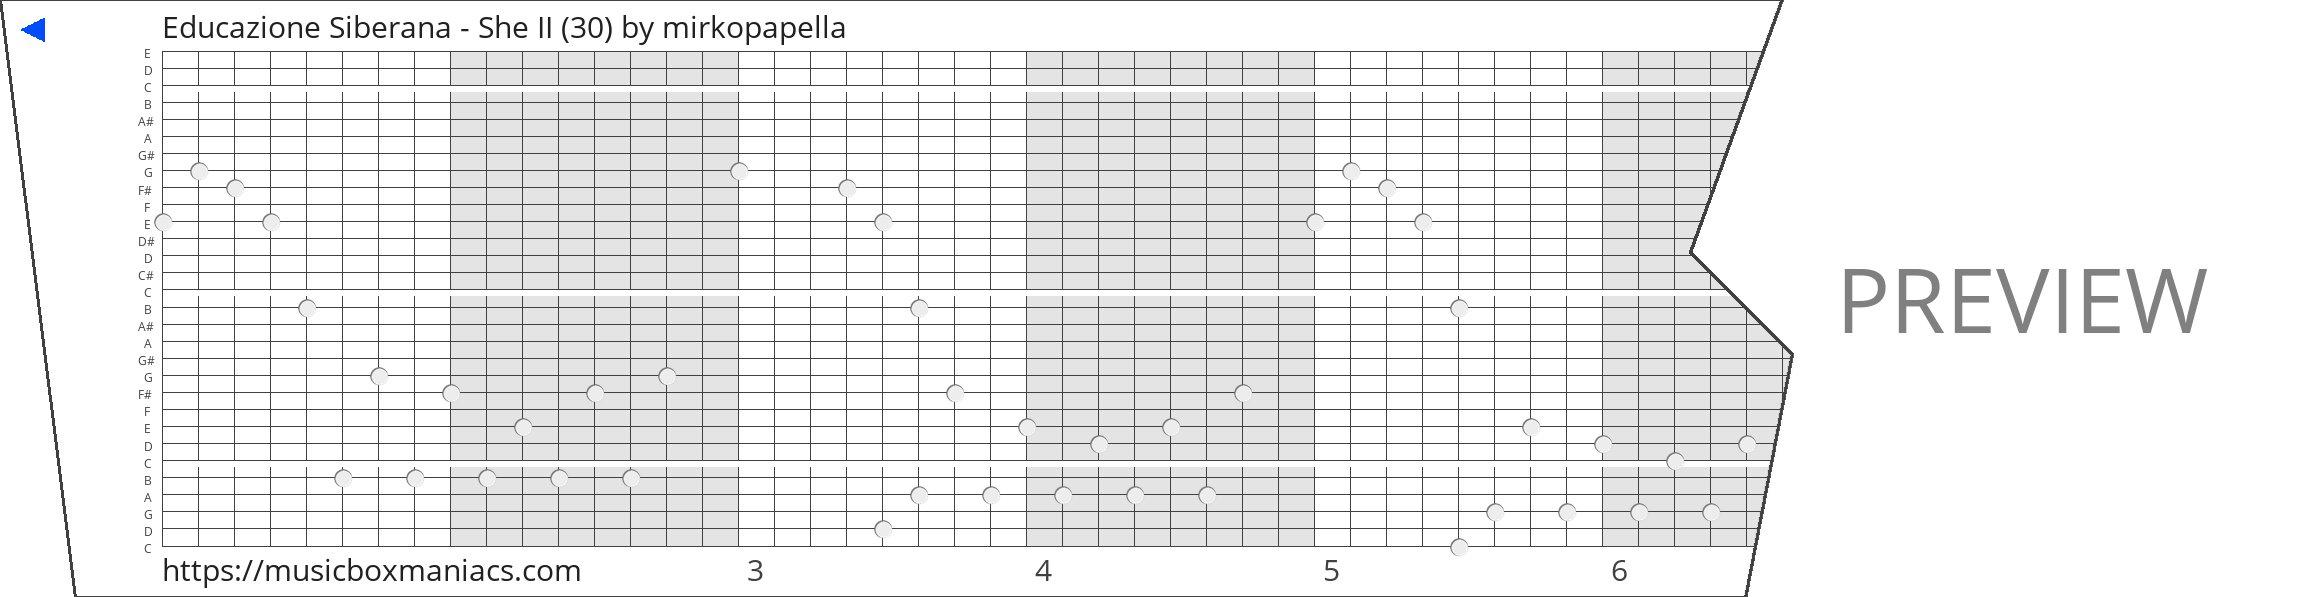 Educazione Siberana - She II (30) 30 note music box paper strip